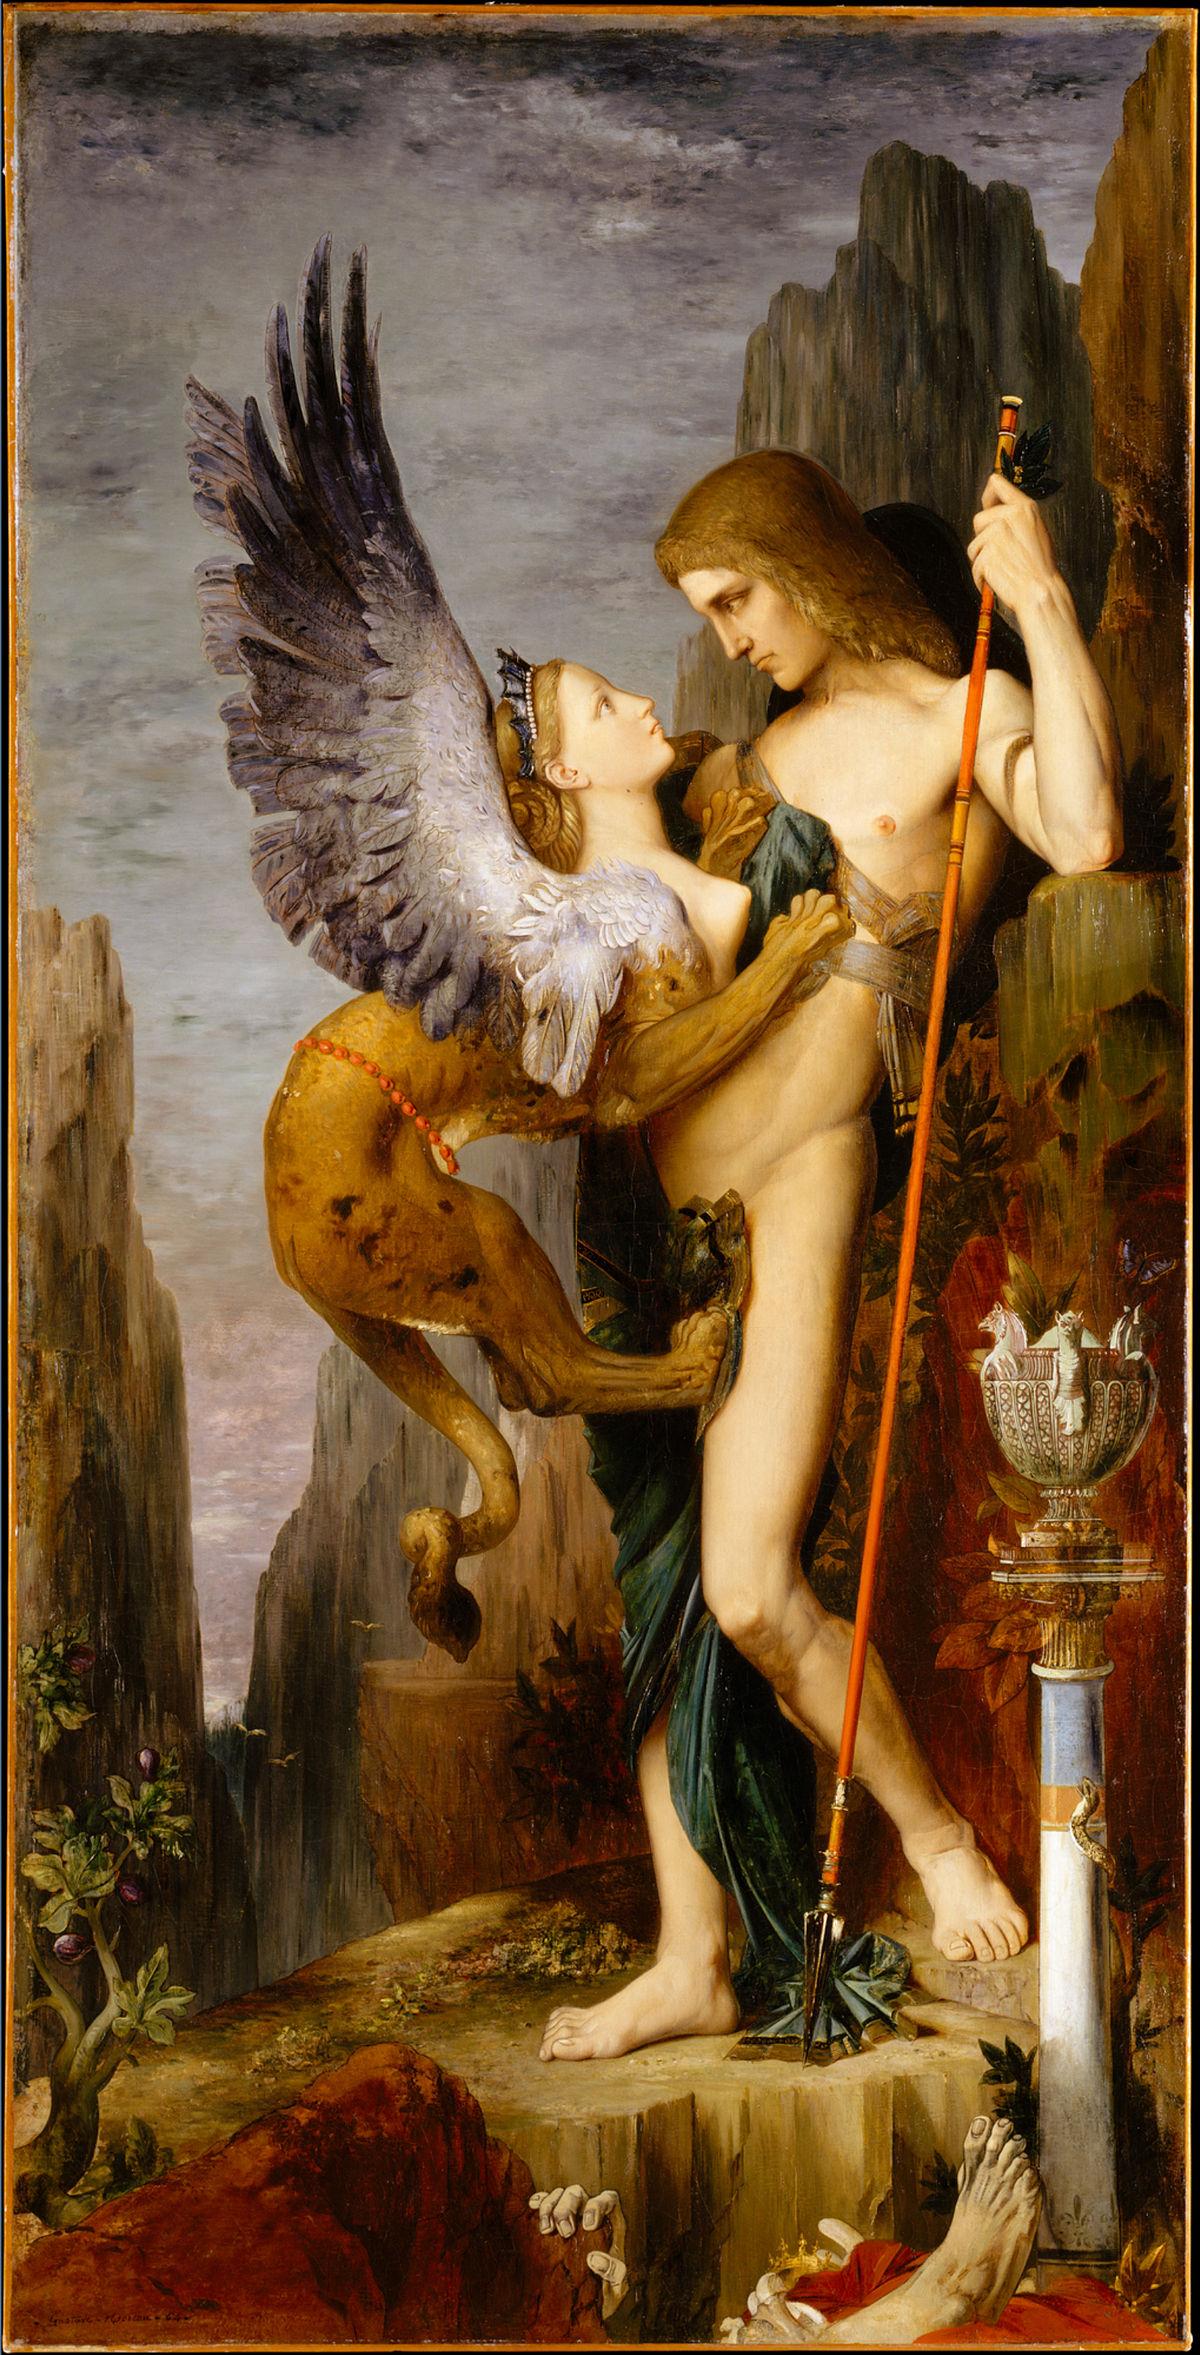 """La foto muestra el cuadro """"Edipo y la Esfinge"""", del pintor francés Gustave Moreau."""